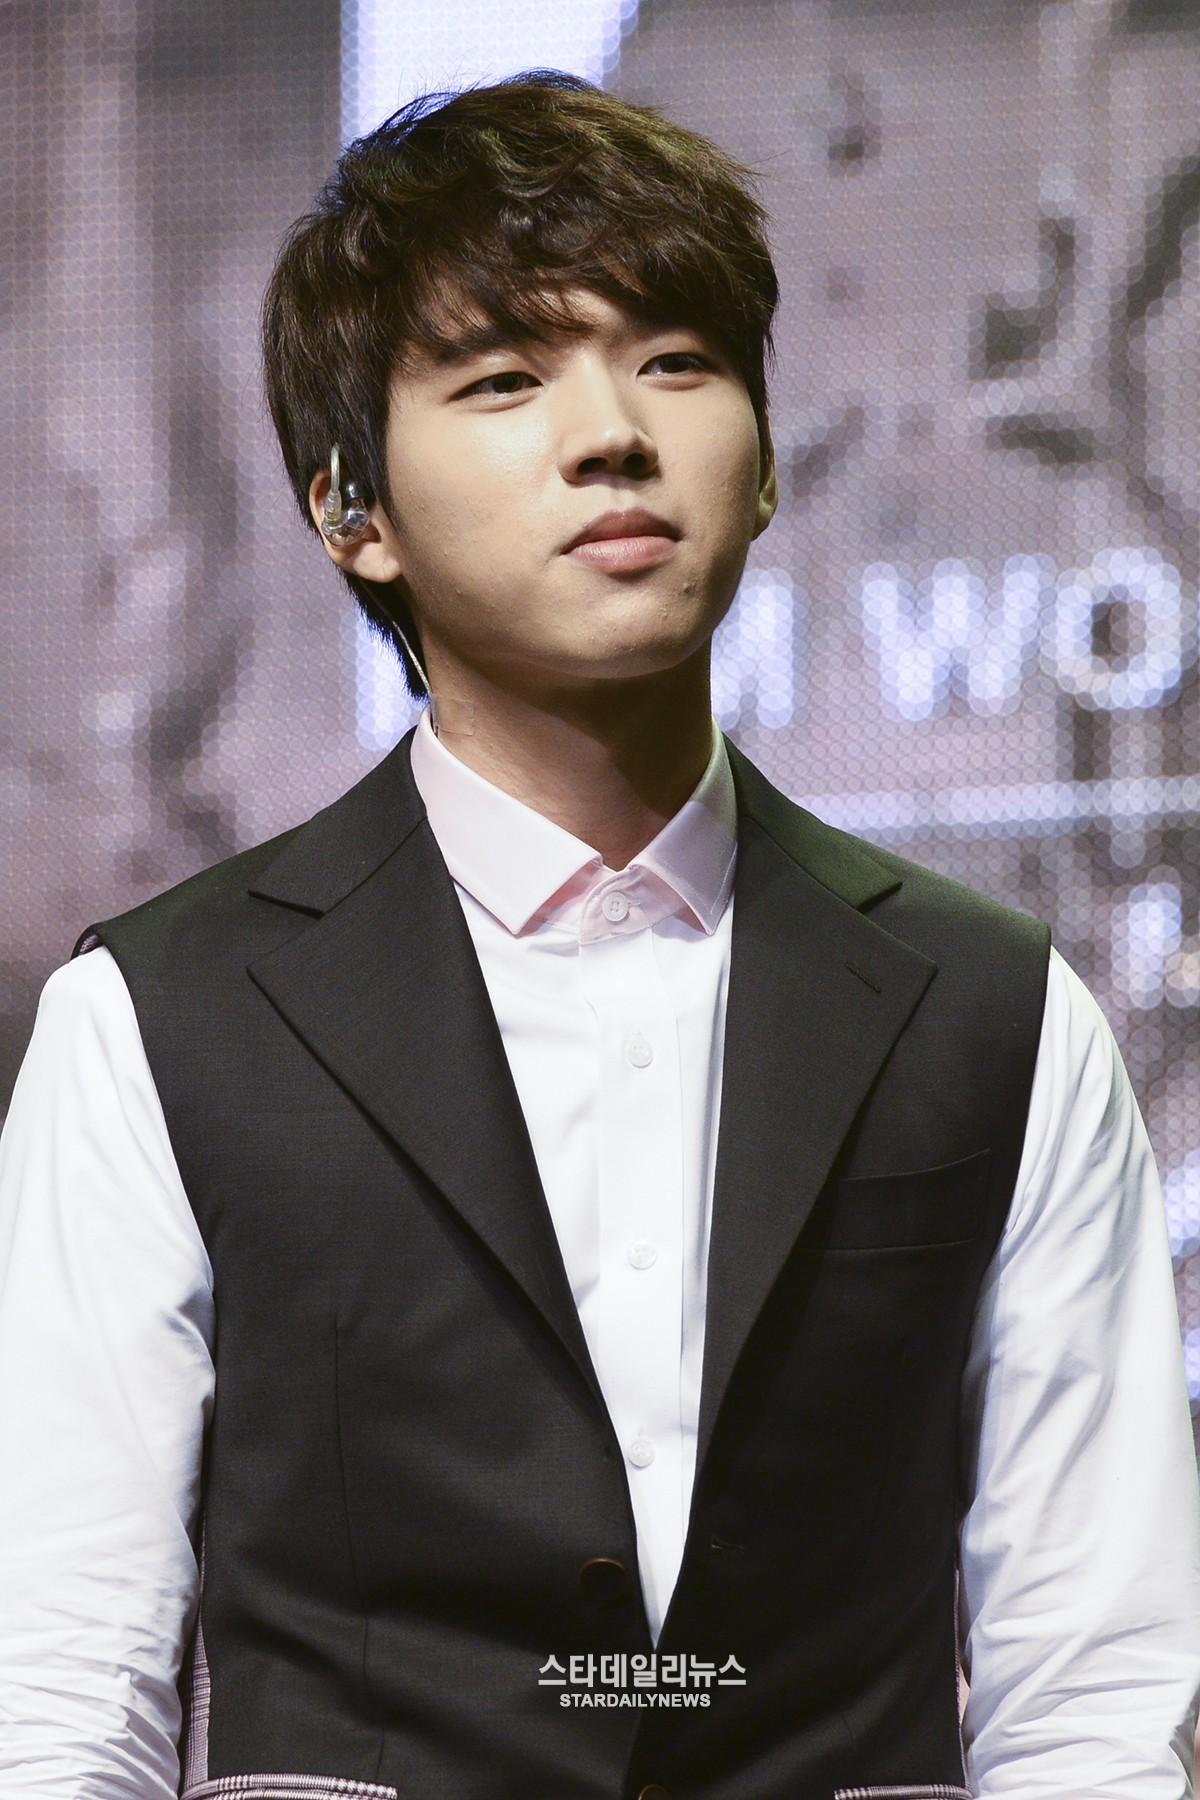 INFINITE Woohyun Star Daily News